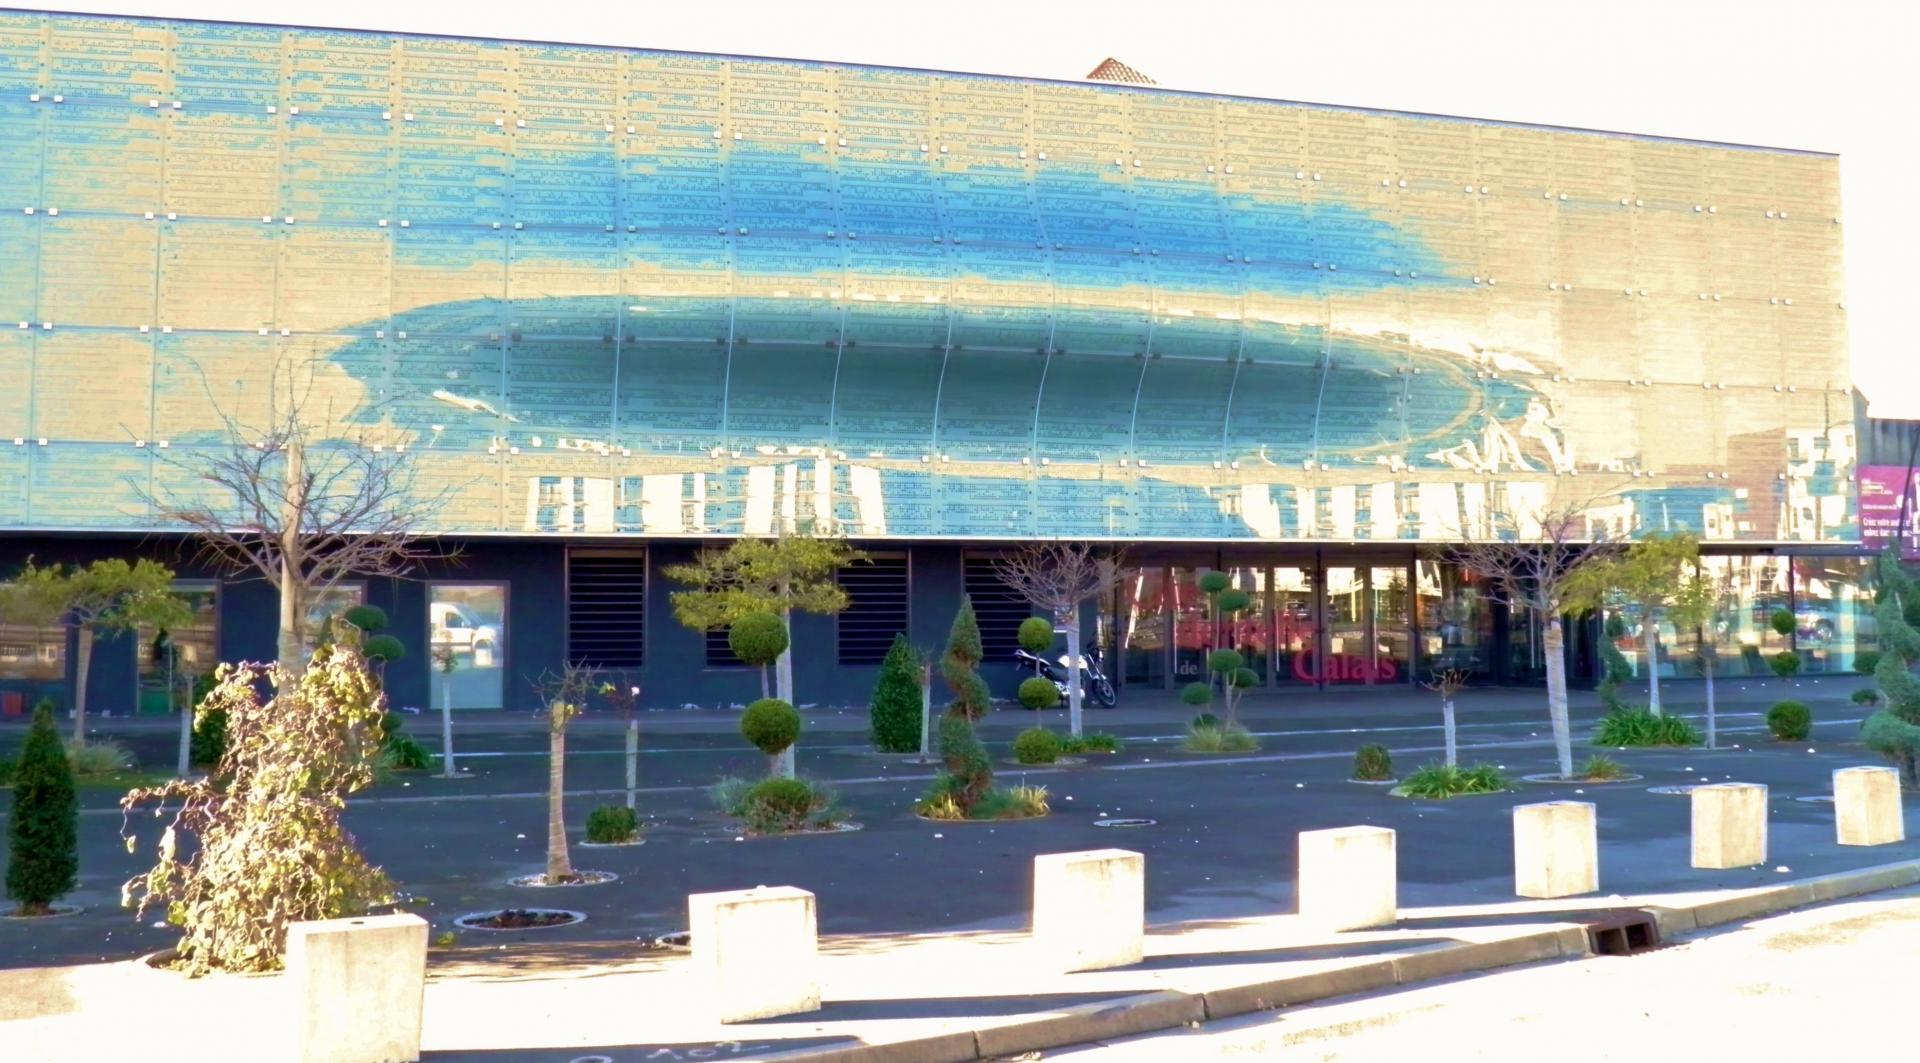 Calais entree cite musée de la dentelle calais